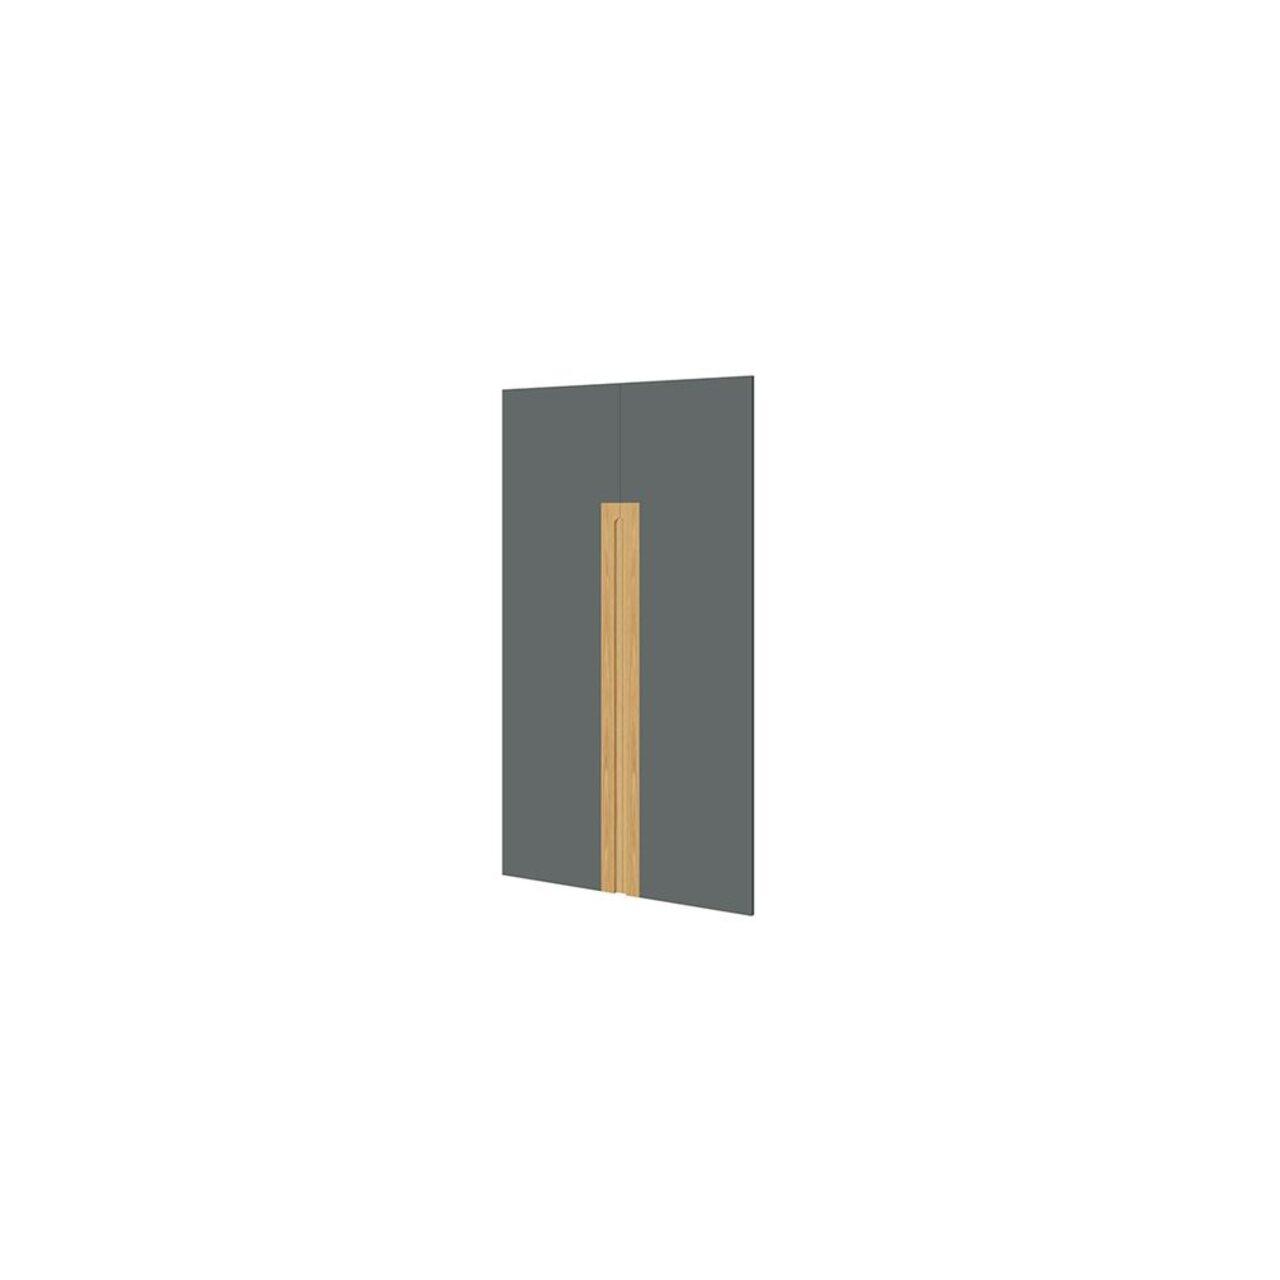 Комплект глухих средних дверей  Remo 2x80x144 - фото 1